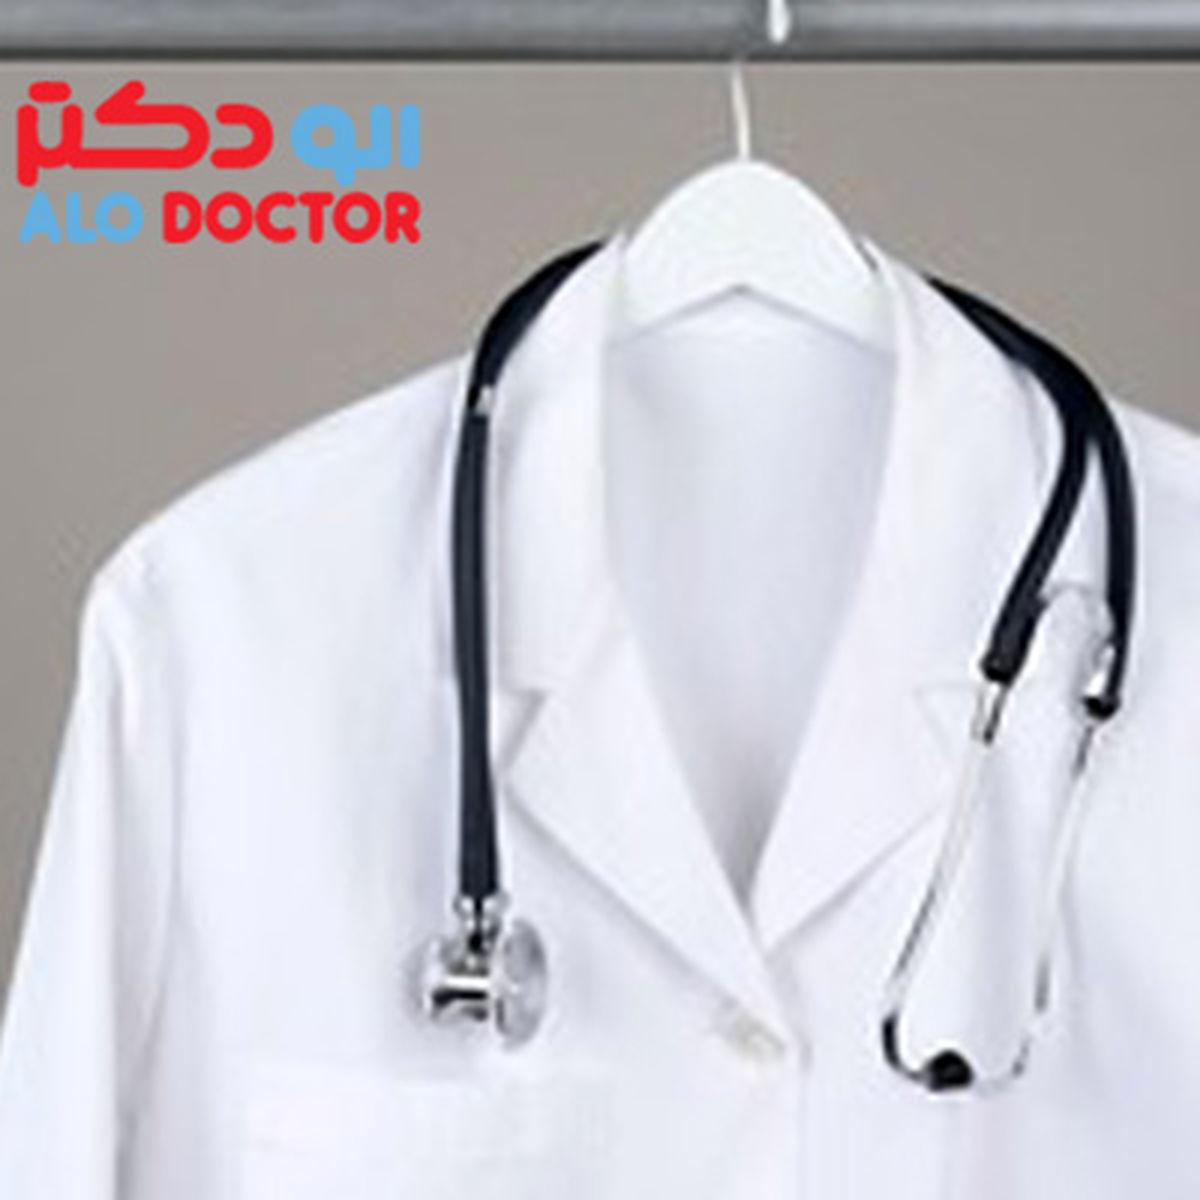 پزشکان در جواب مصوبه ممنوعیت دو شغله بودن دکترها چه گفتند؟